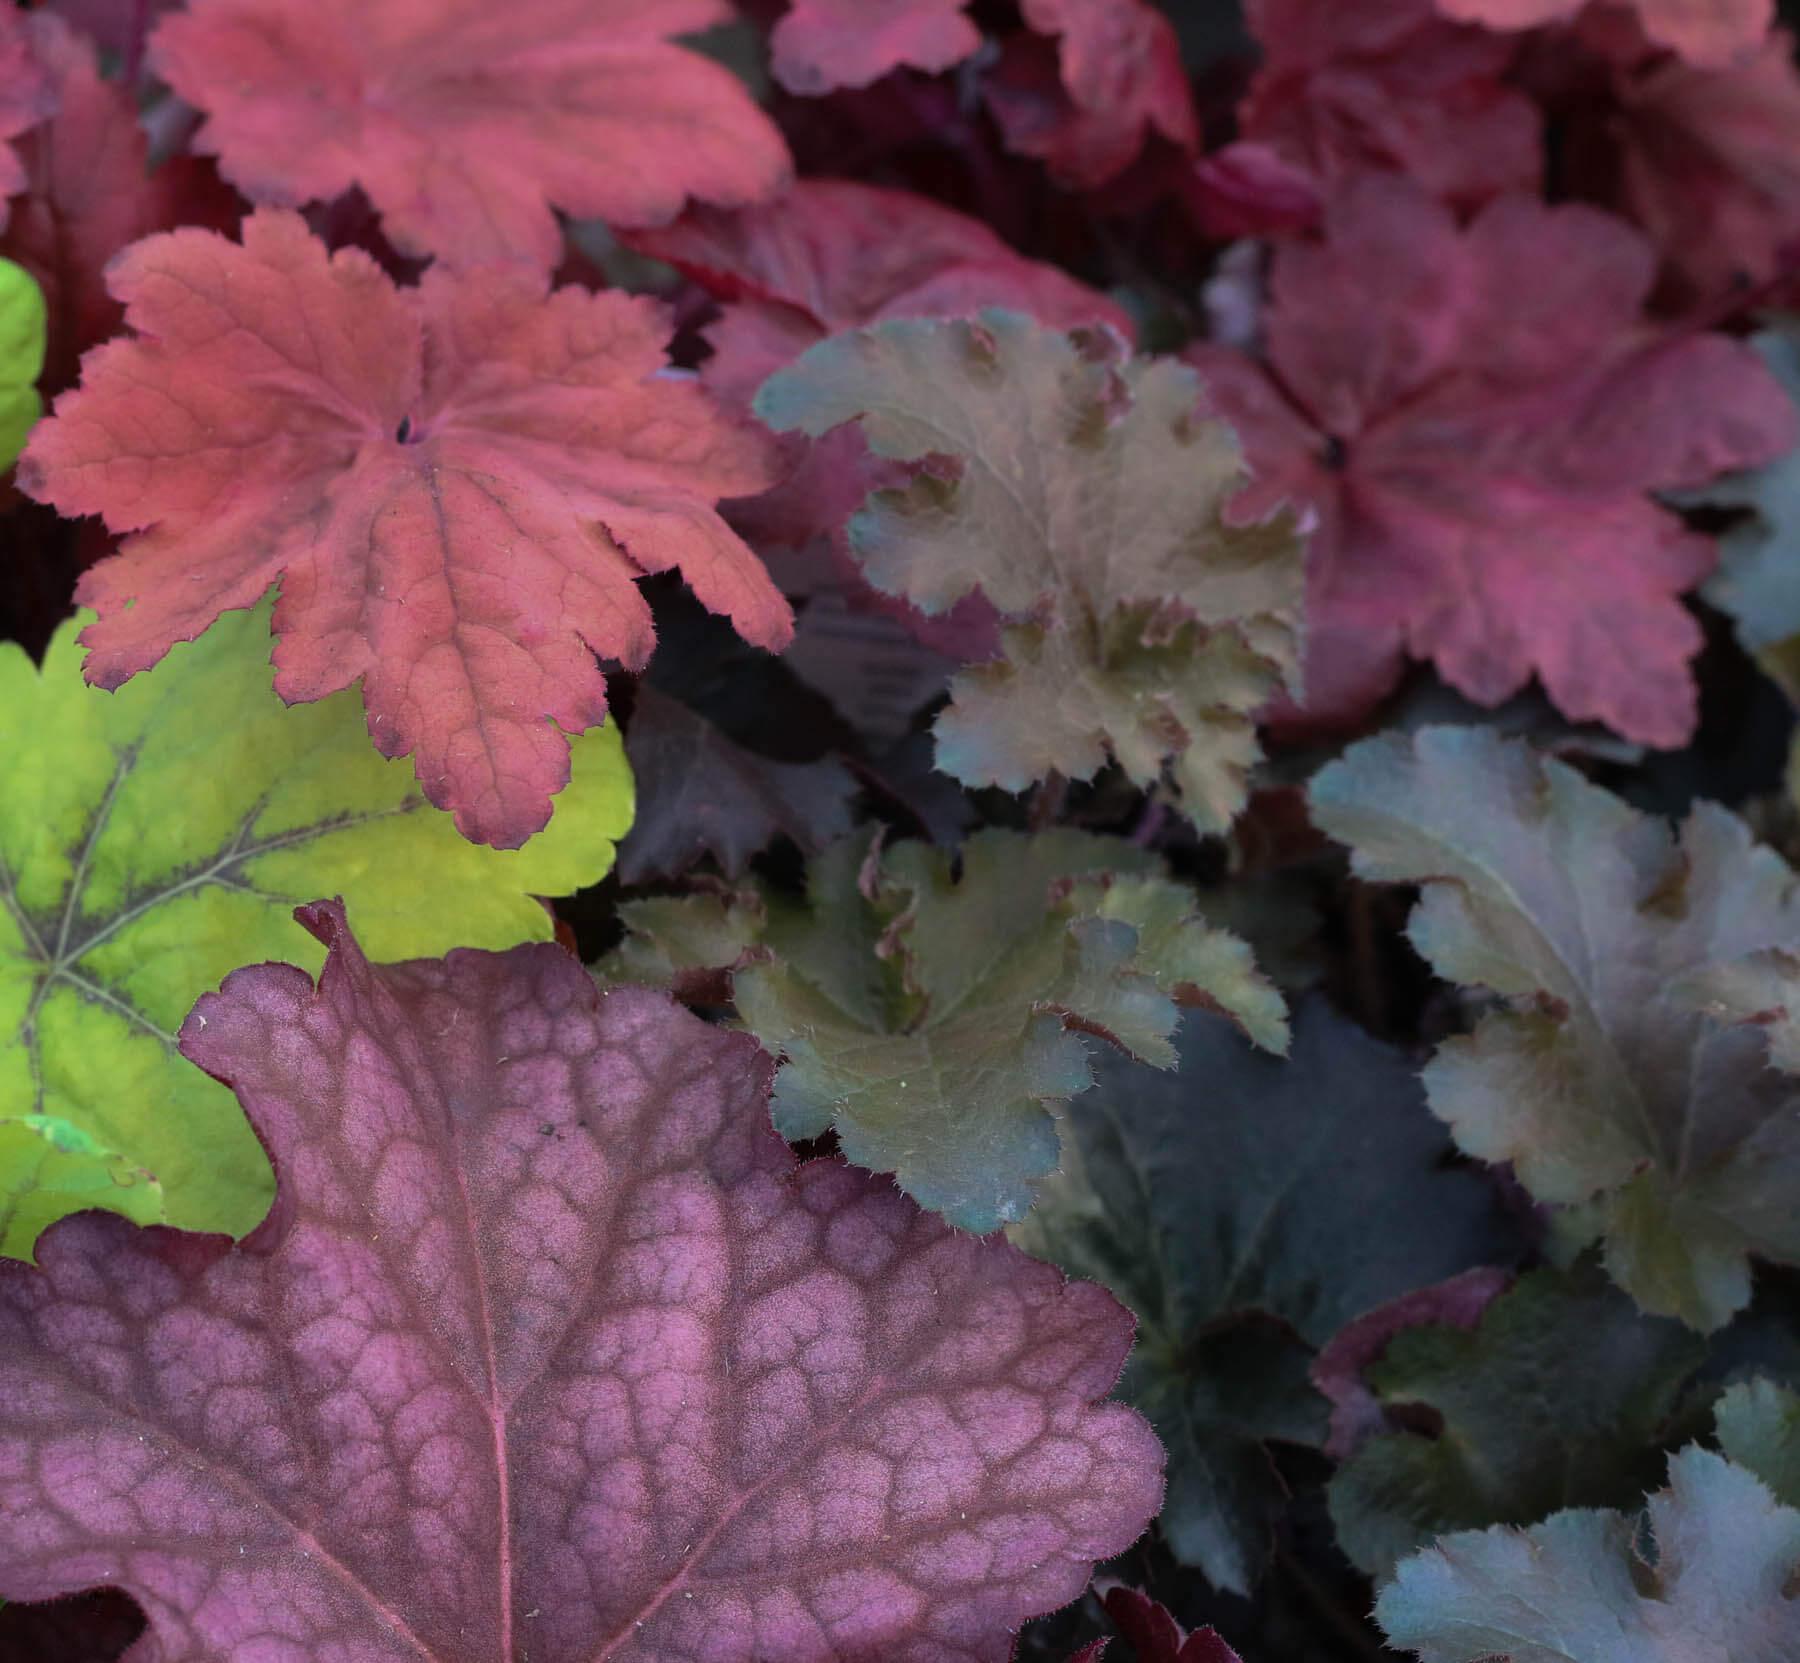 Alunrotens dekorativa blad bildar en fin bas i trädgårdens färgpalett. Det är en perenn växt, så den kommer tillbaka år efter år.